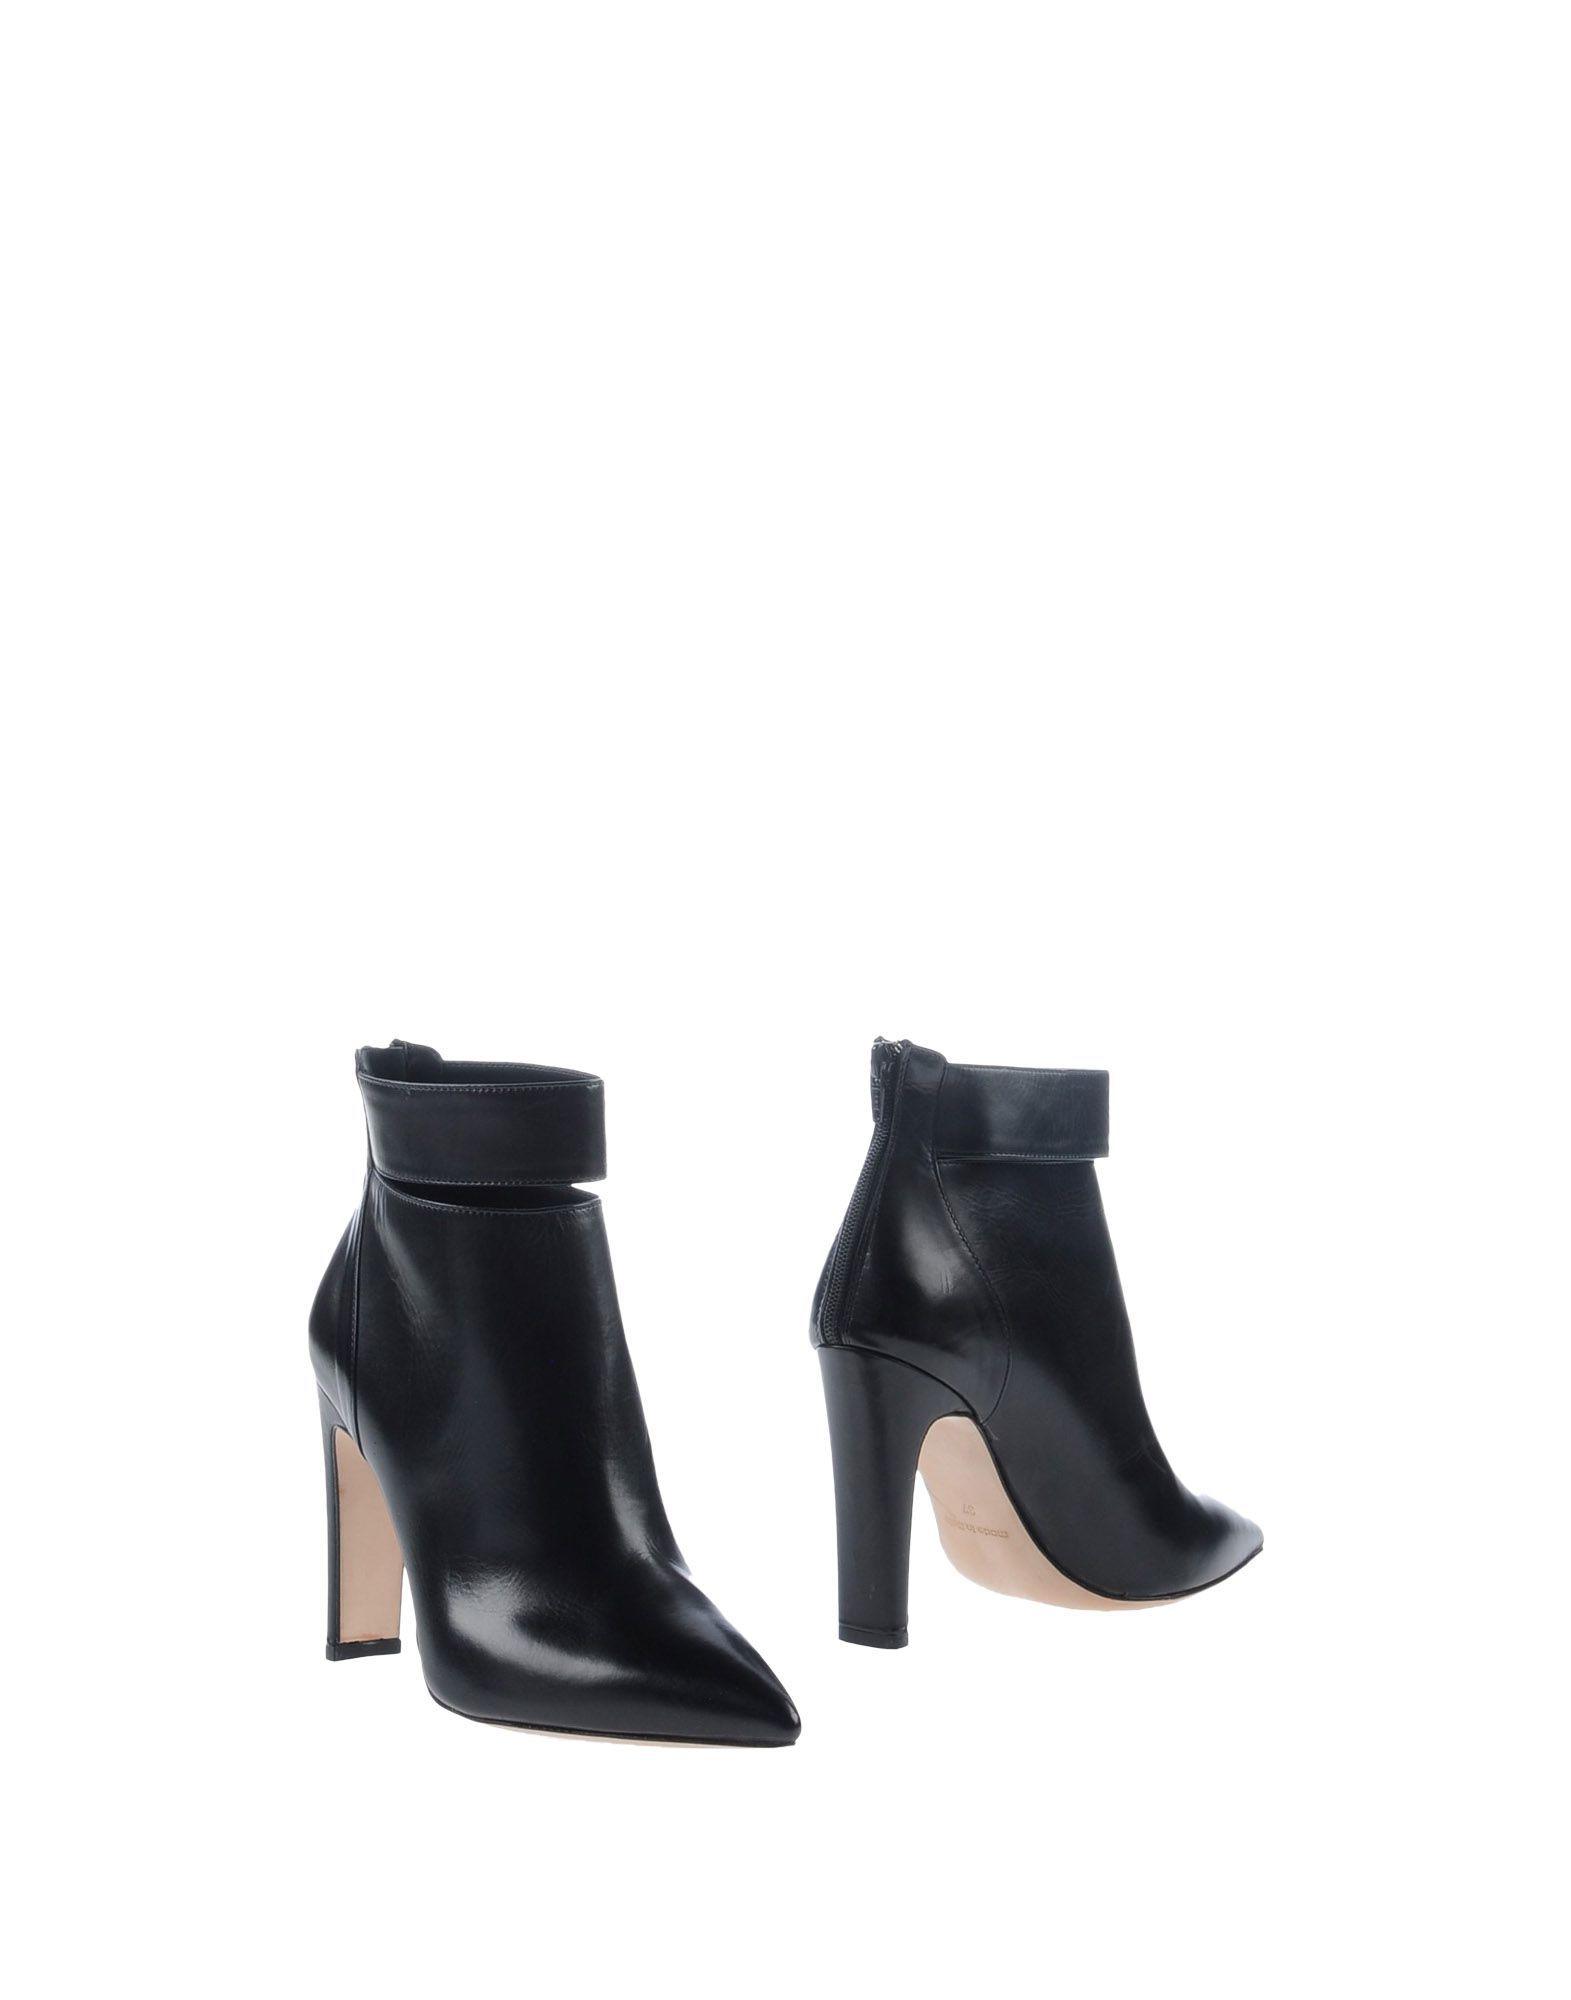 b5f137e144a769 Les Trois Garçons Ankle Boot